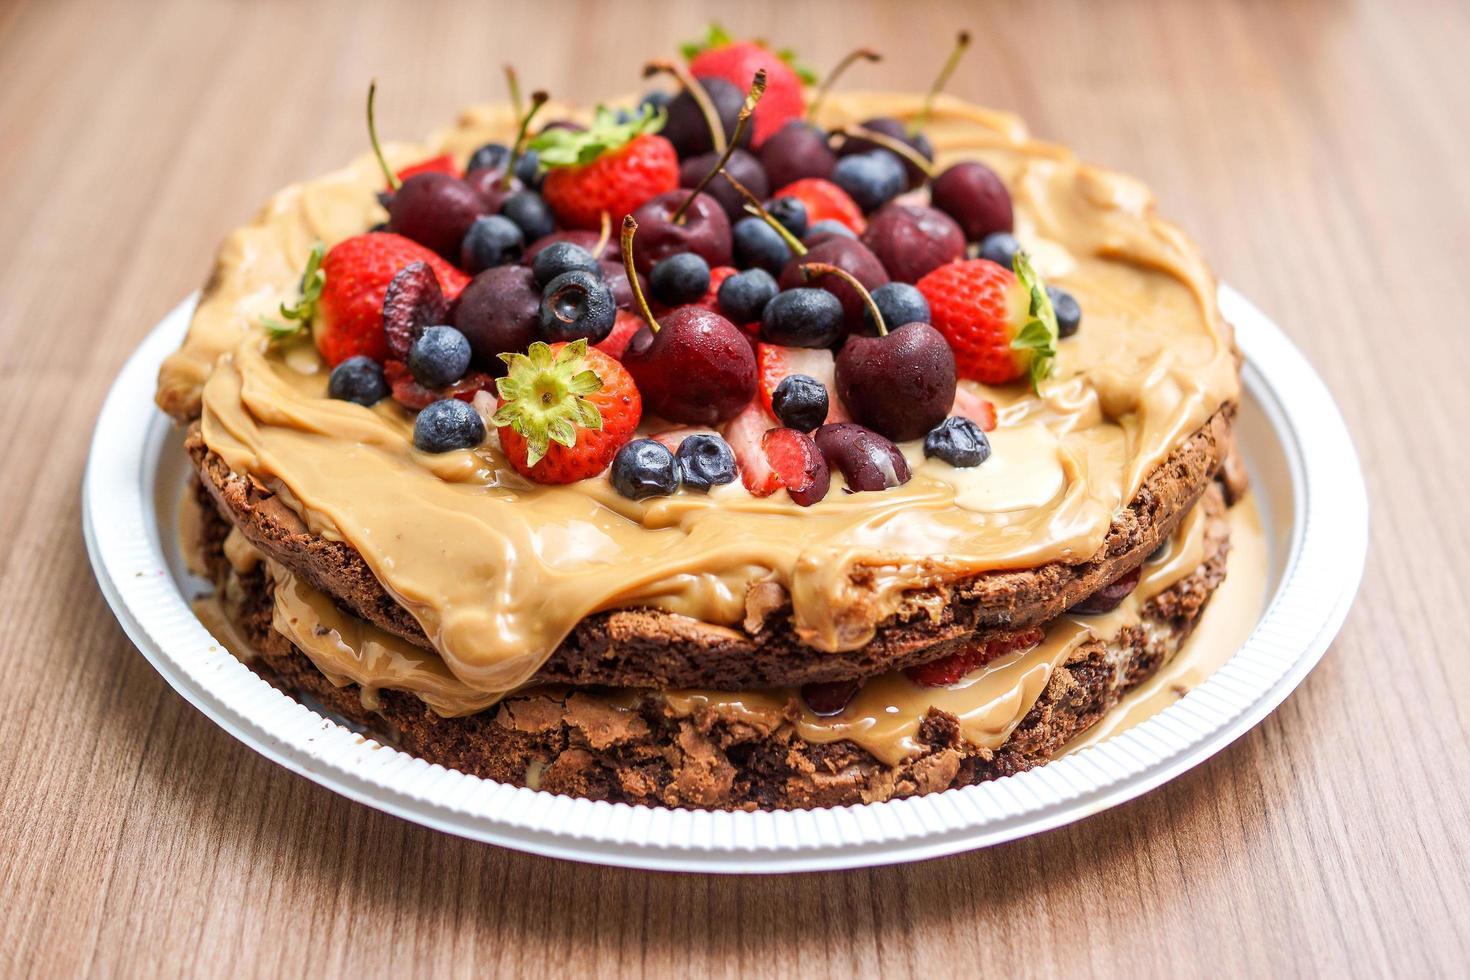 gâteau aux biscuits aux fruits photo